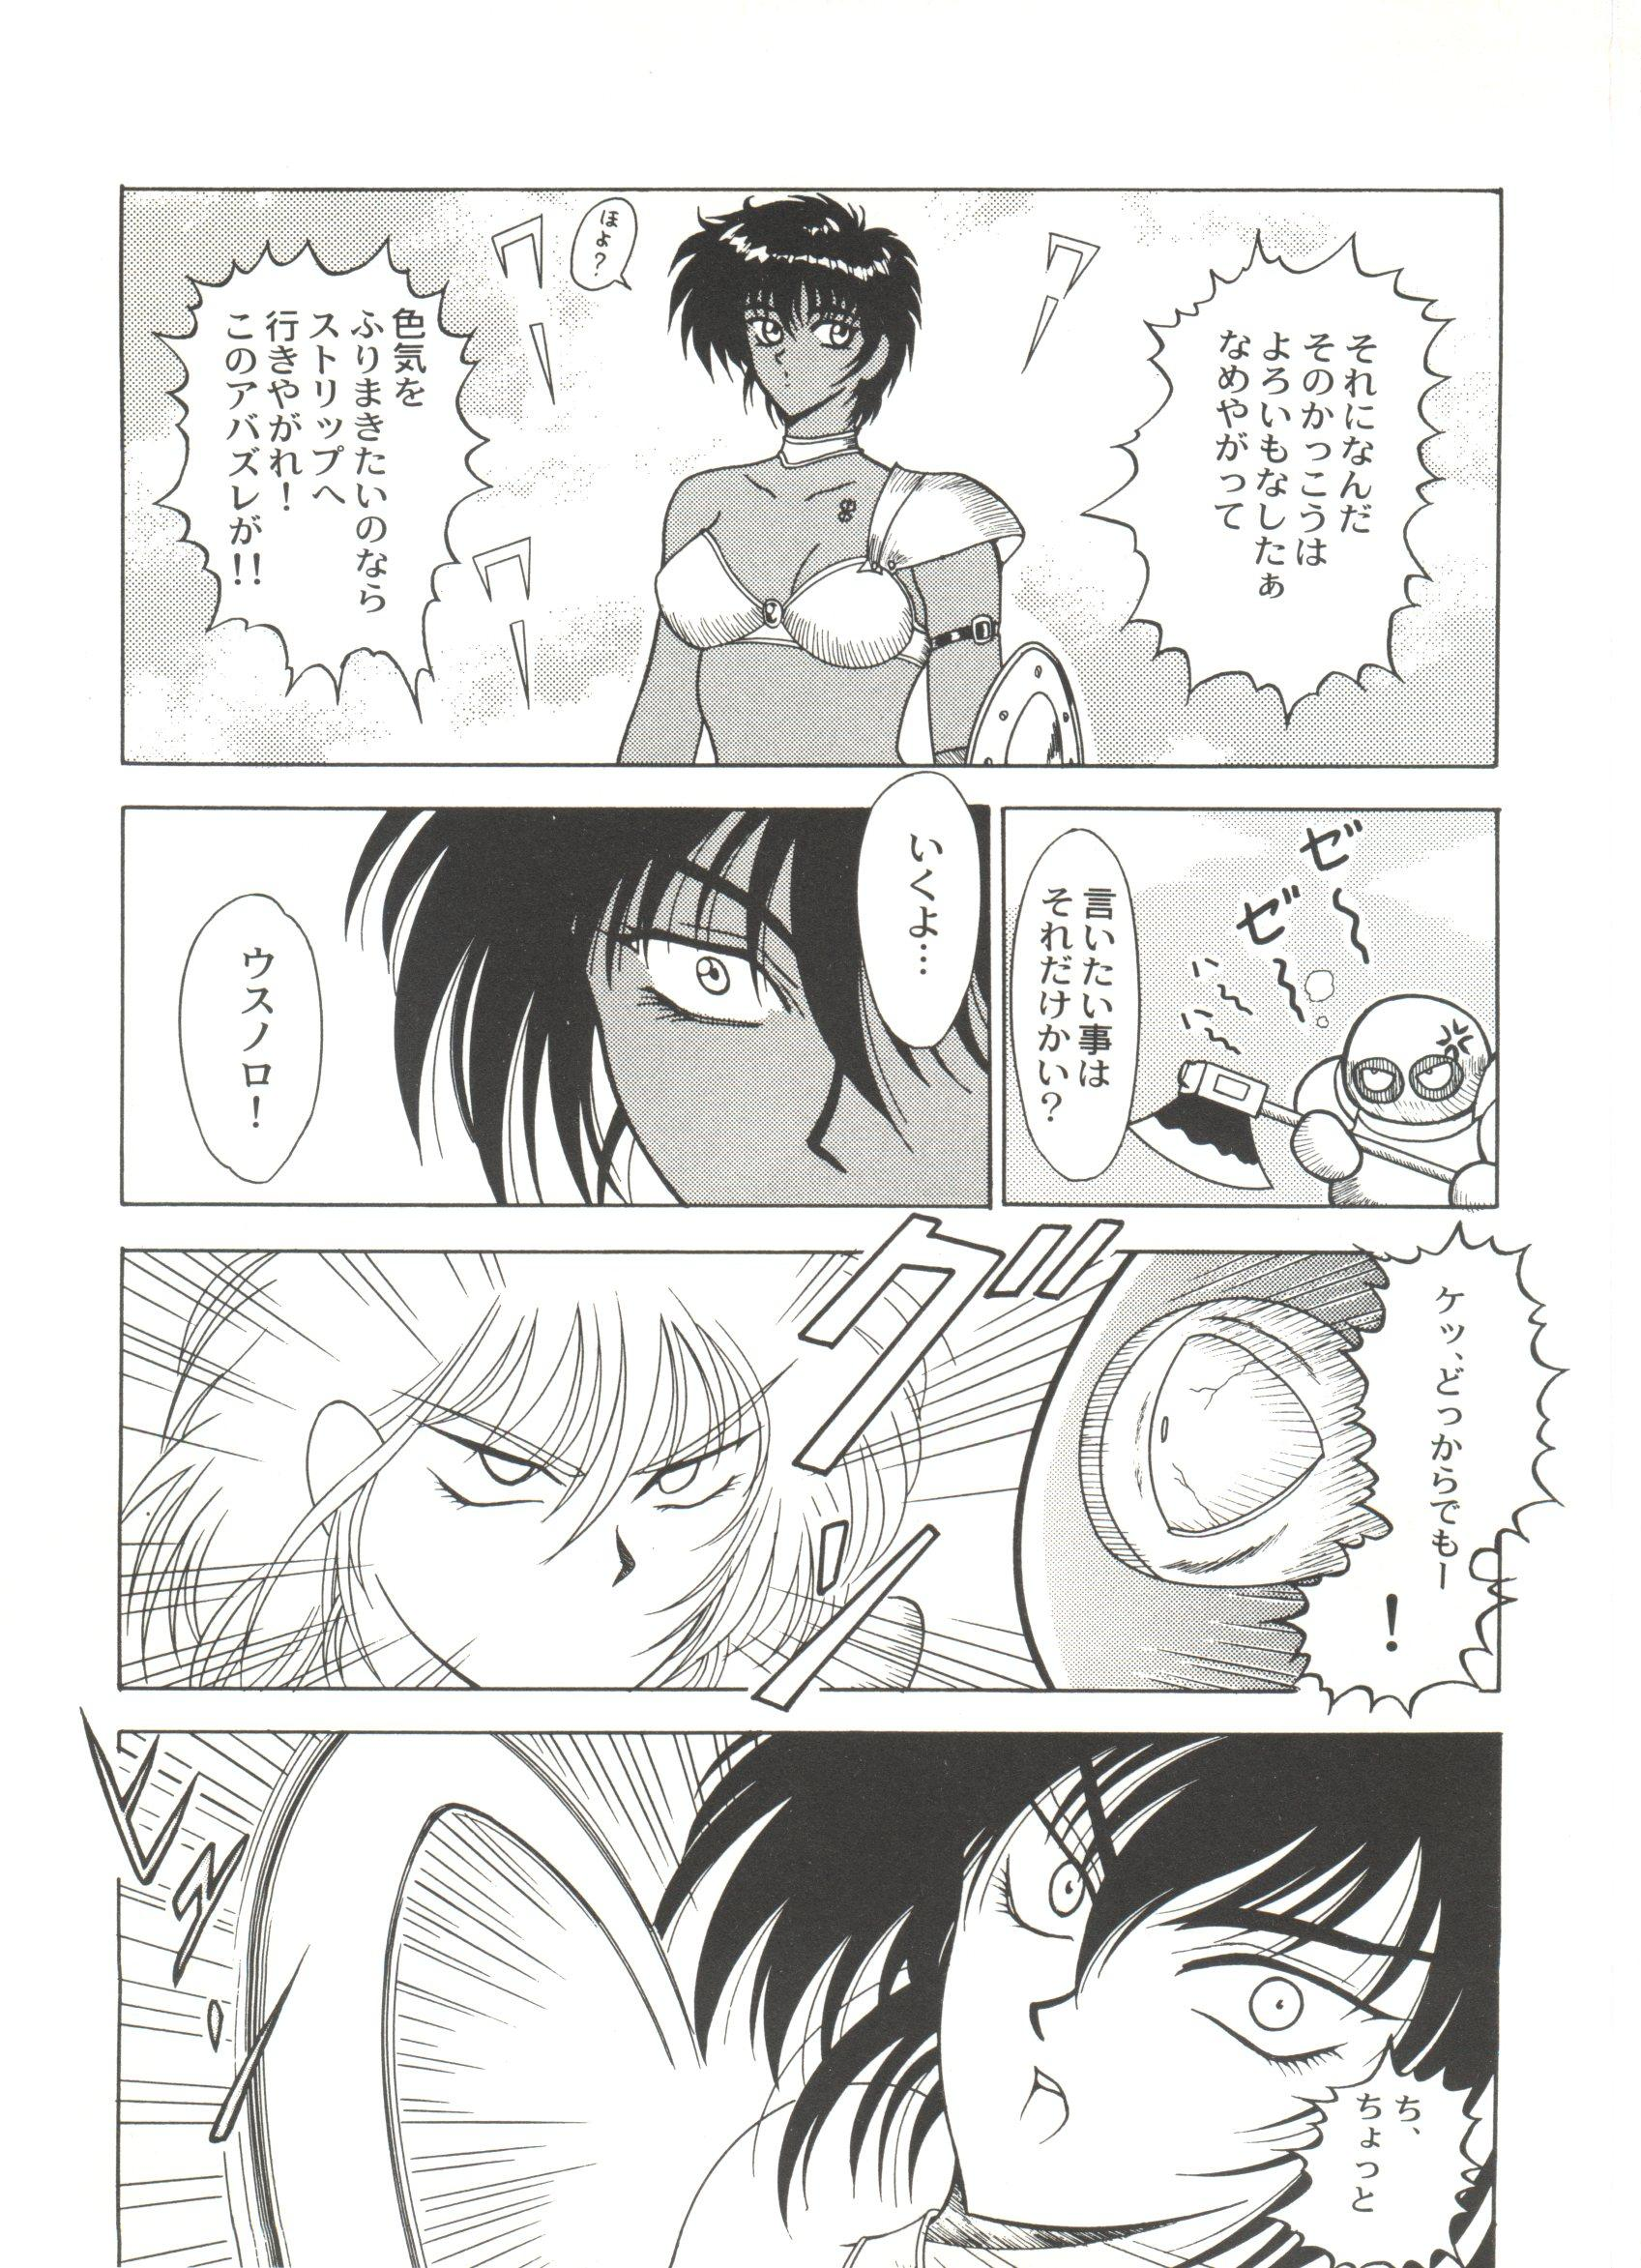 Bishoujo Doujinshi Anthology Cute 5 45